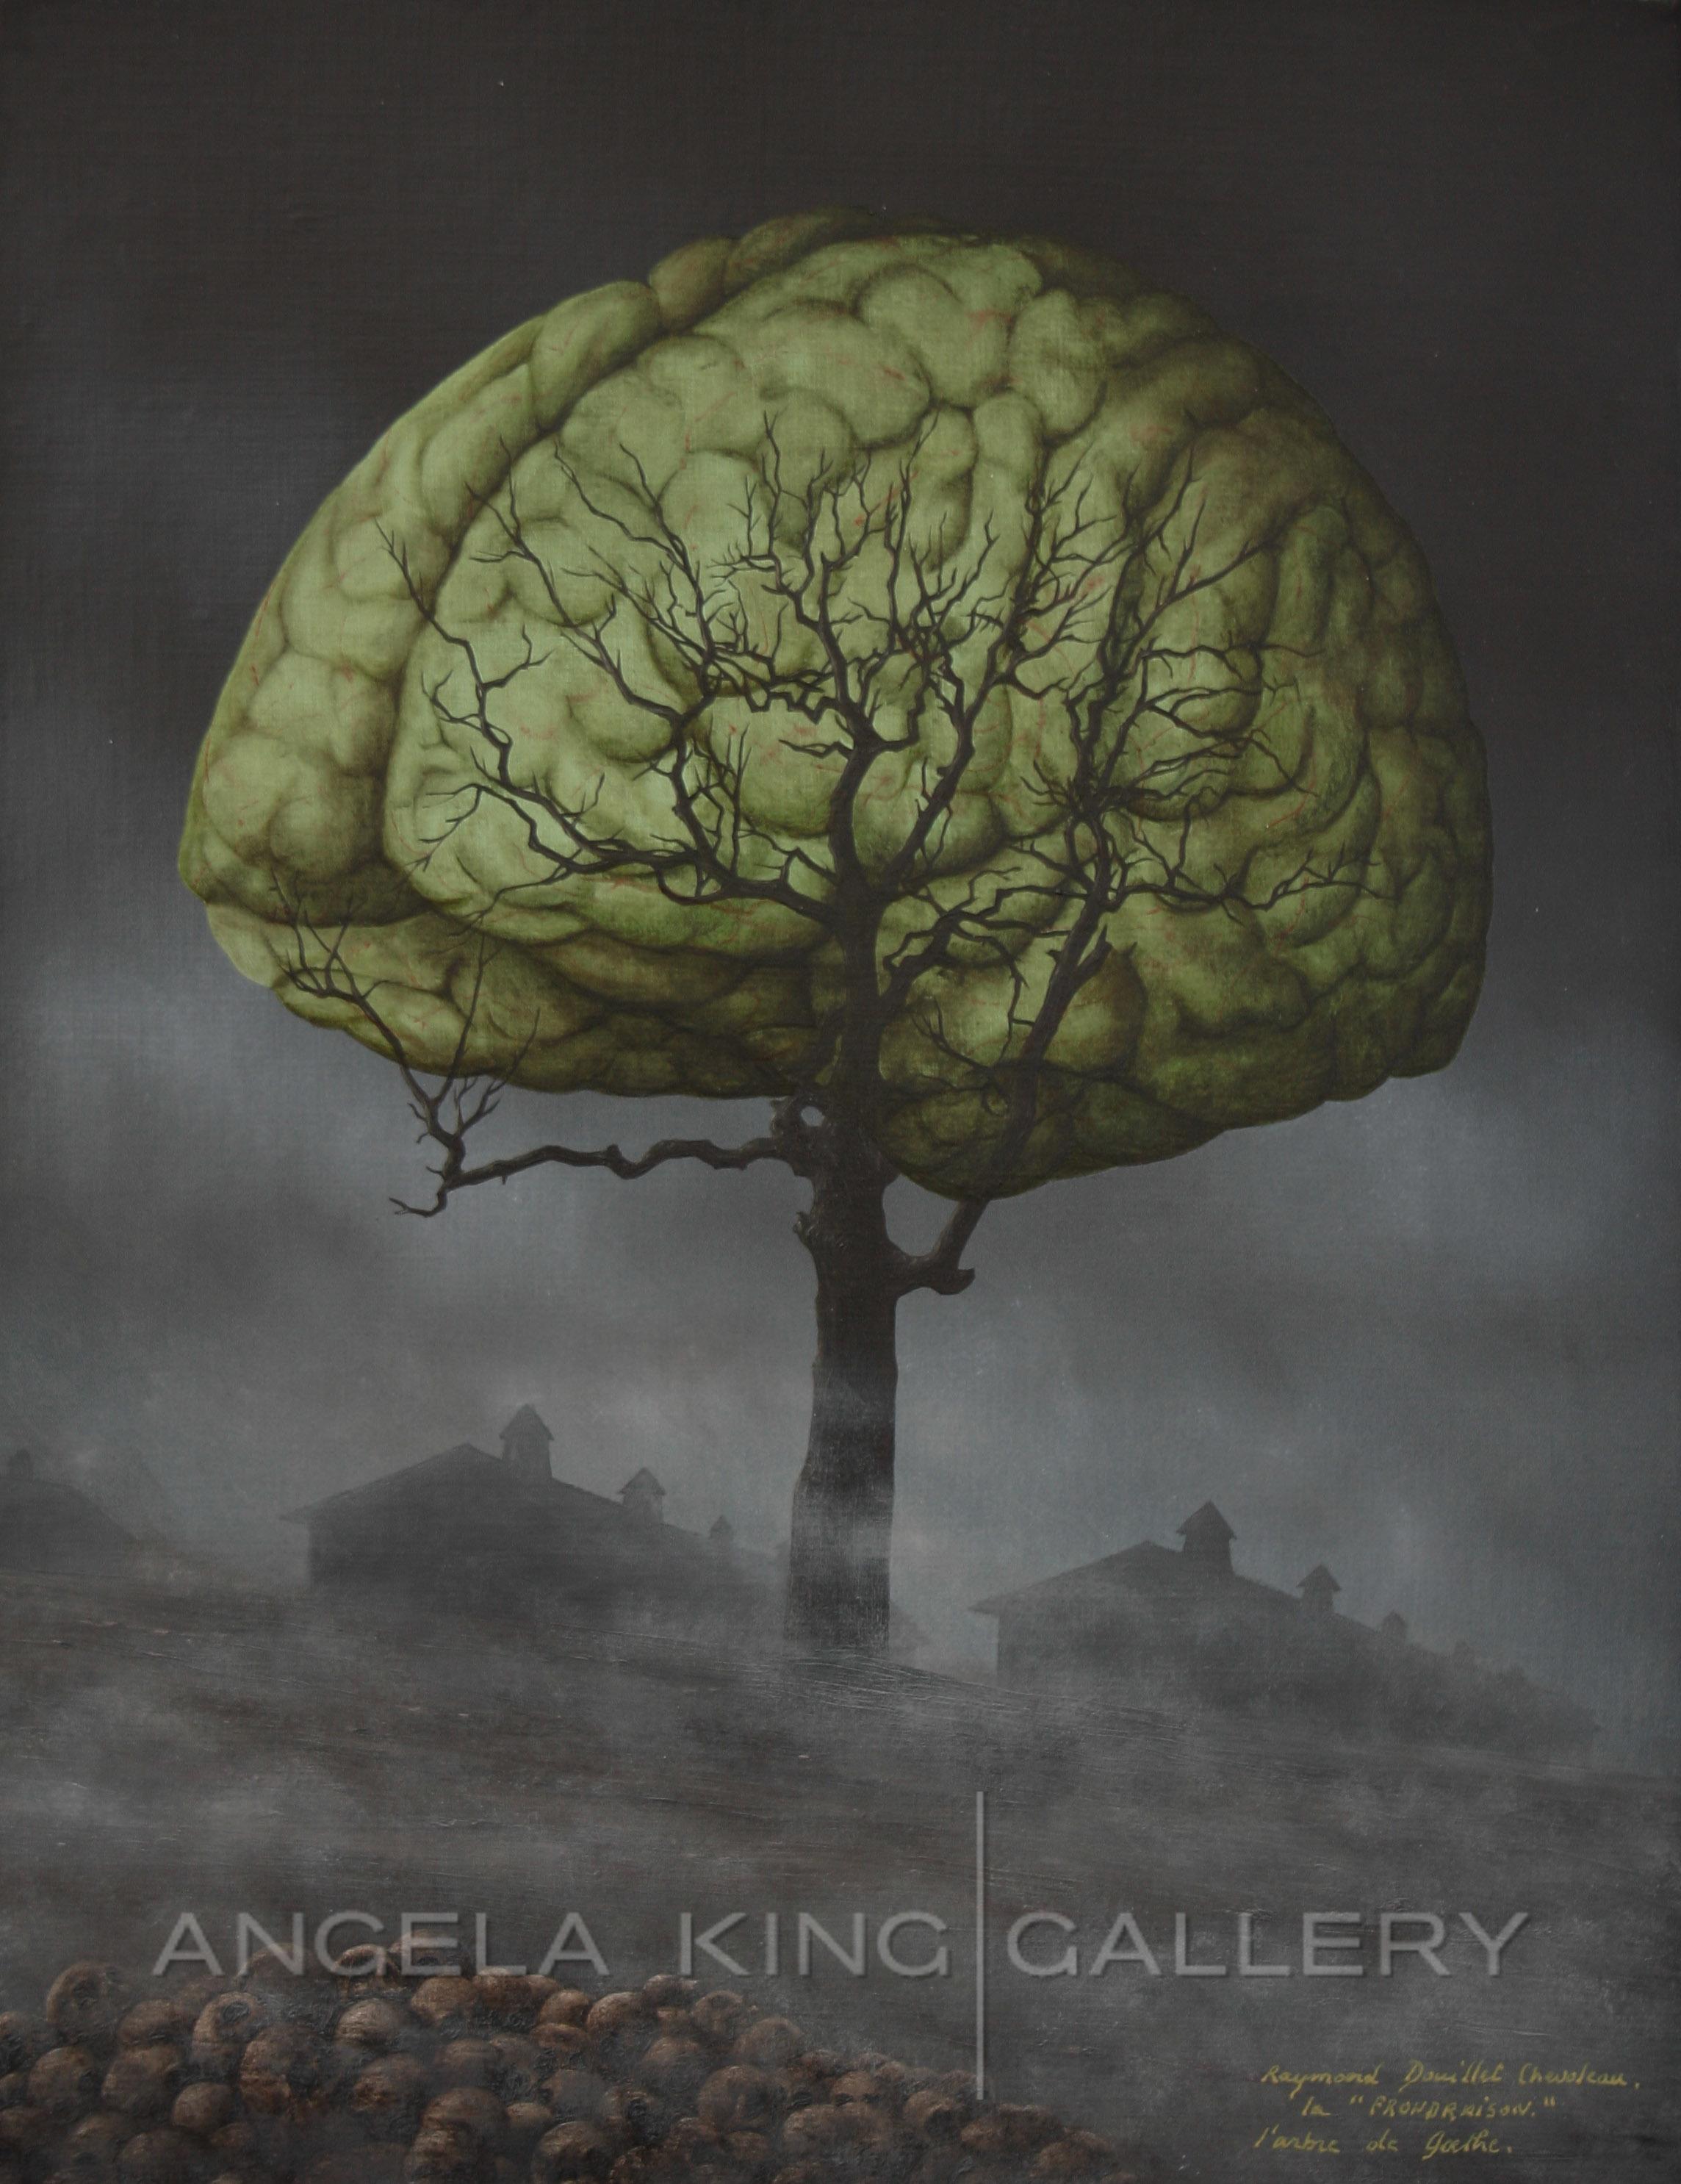 La Frondraison ou l'arme de Goethe d'après un dessin de L. Delarbre - The Reasoning Foliage or the Tree  of Goethe